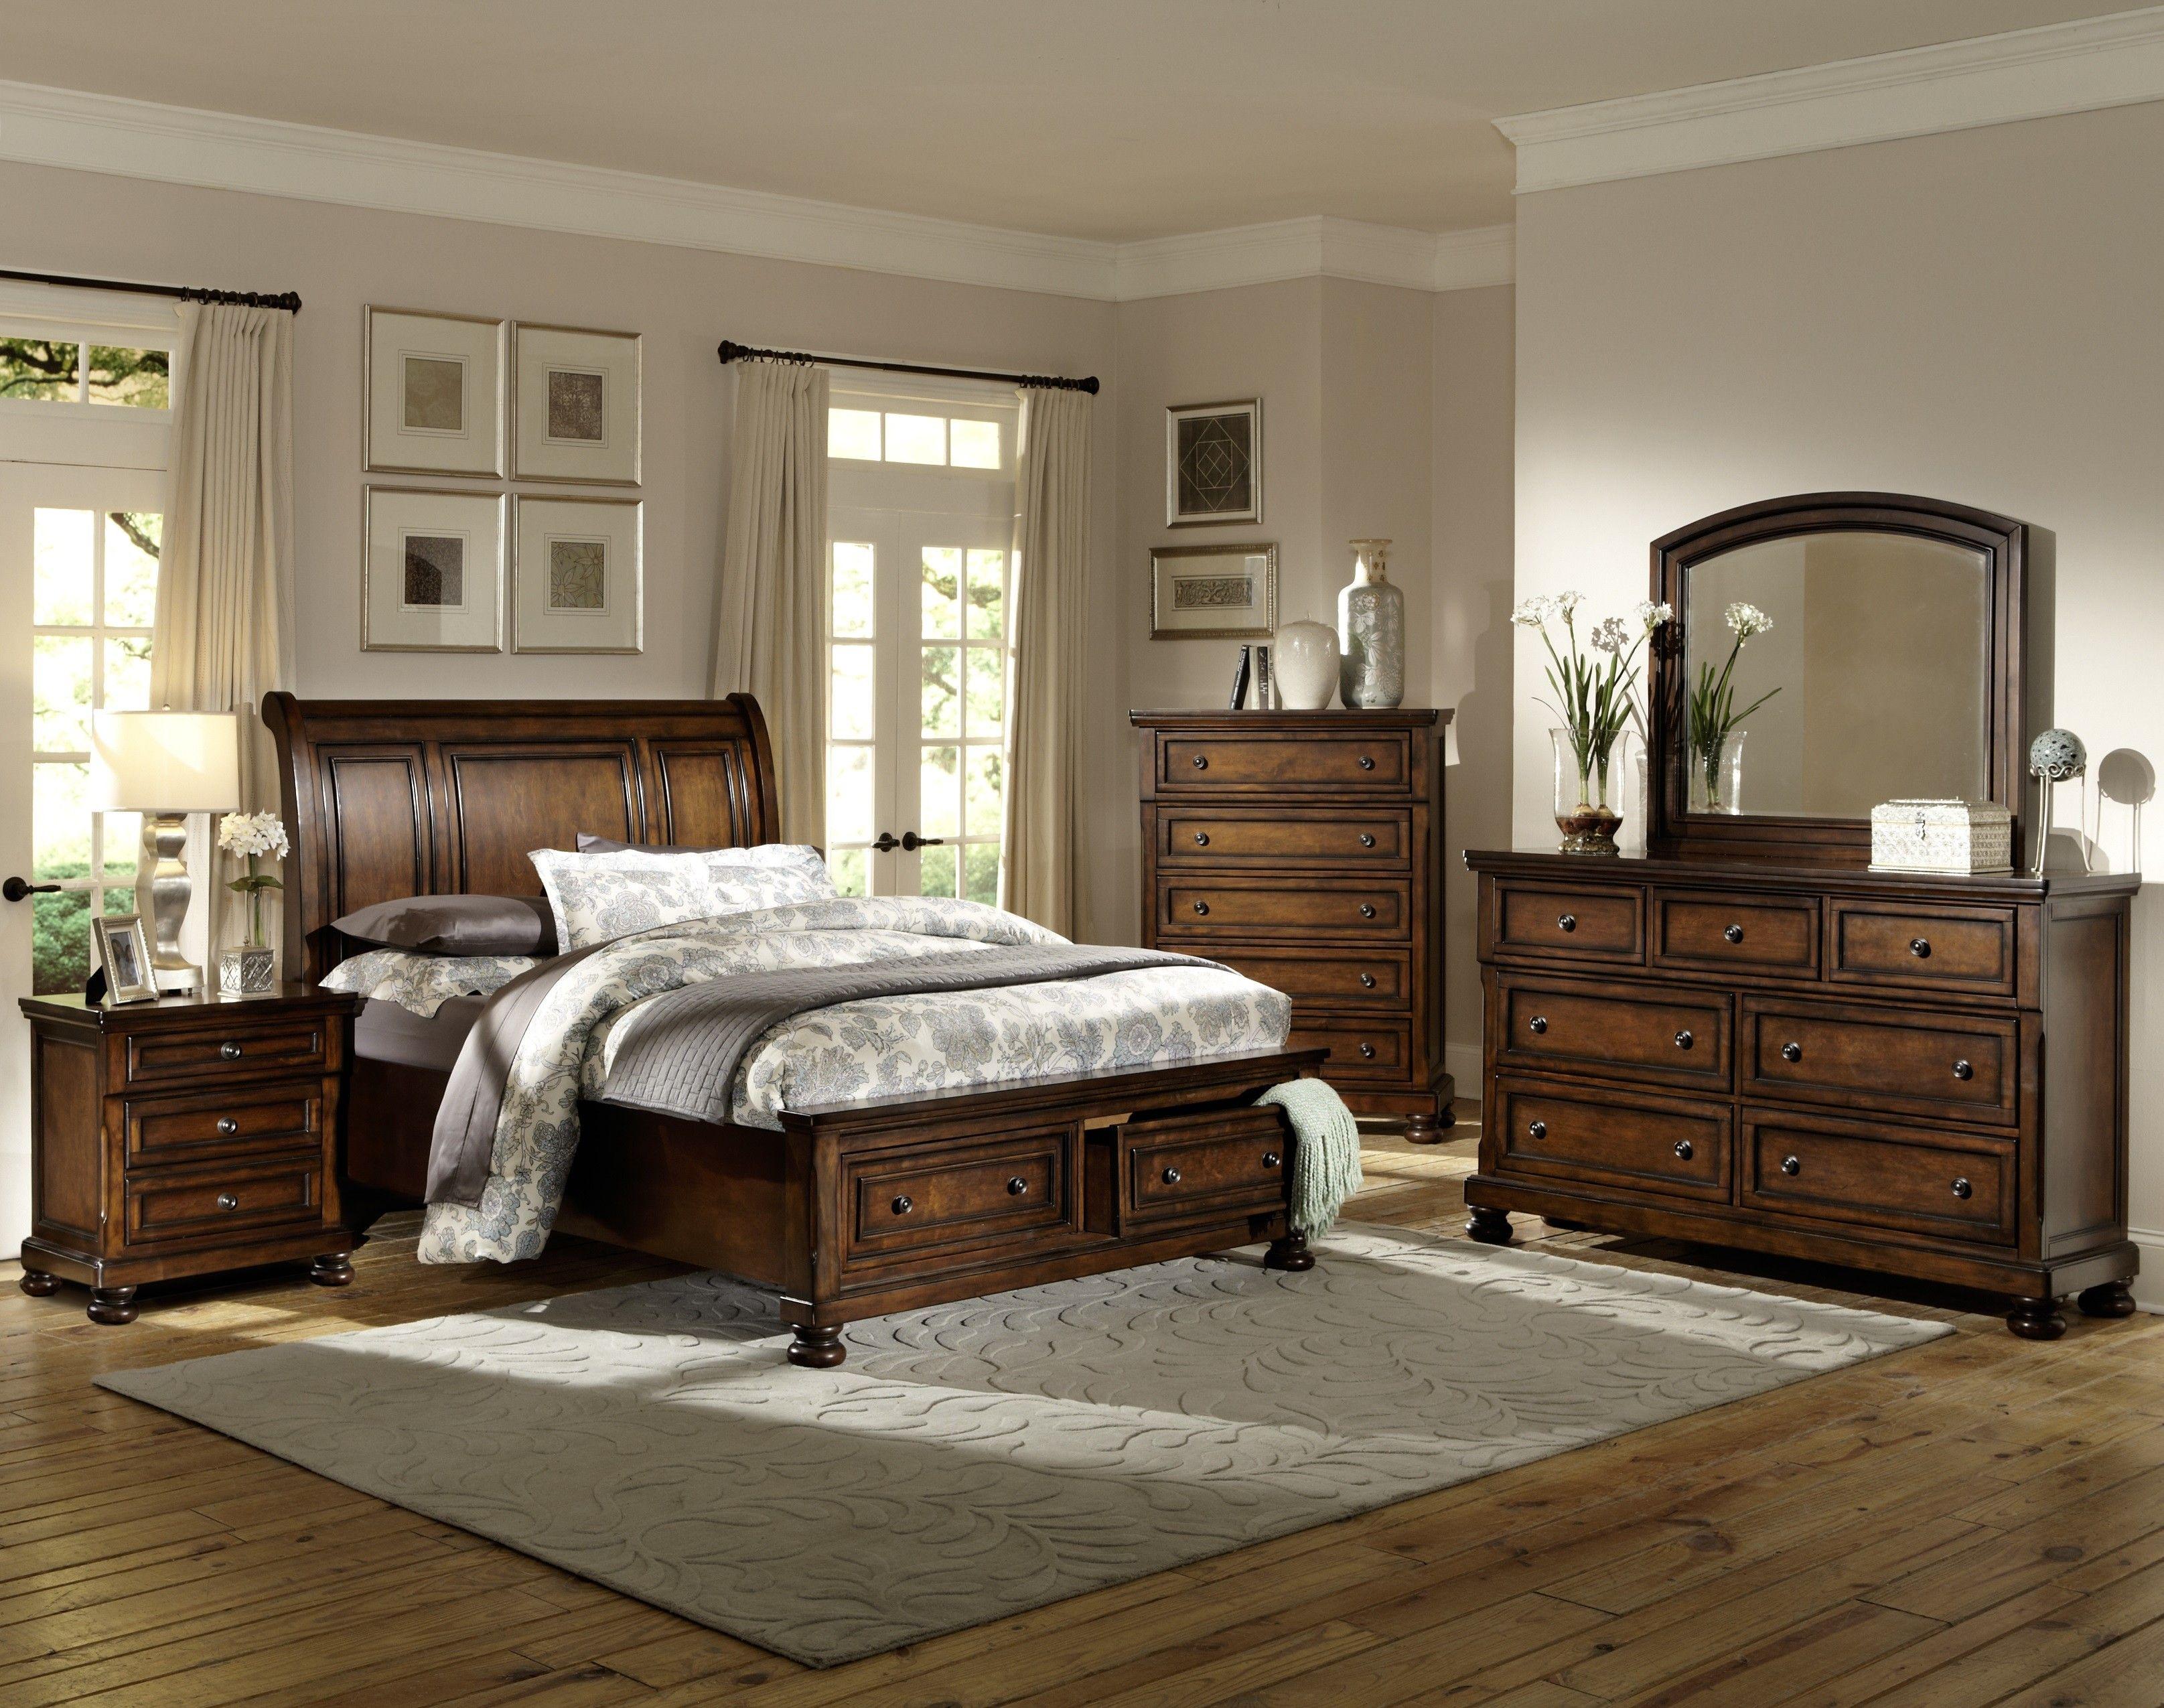 Transitional Bedroom Furniture. Transitional Bedroom Furniture L ...